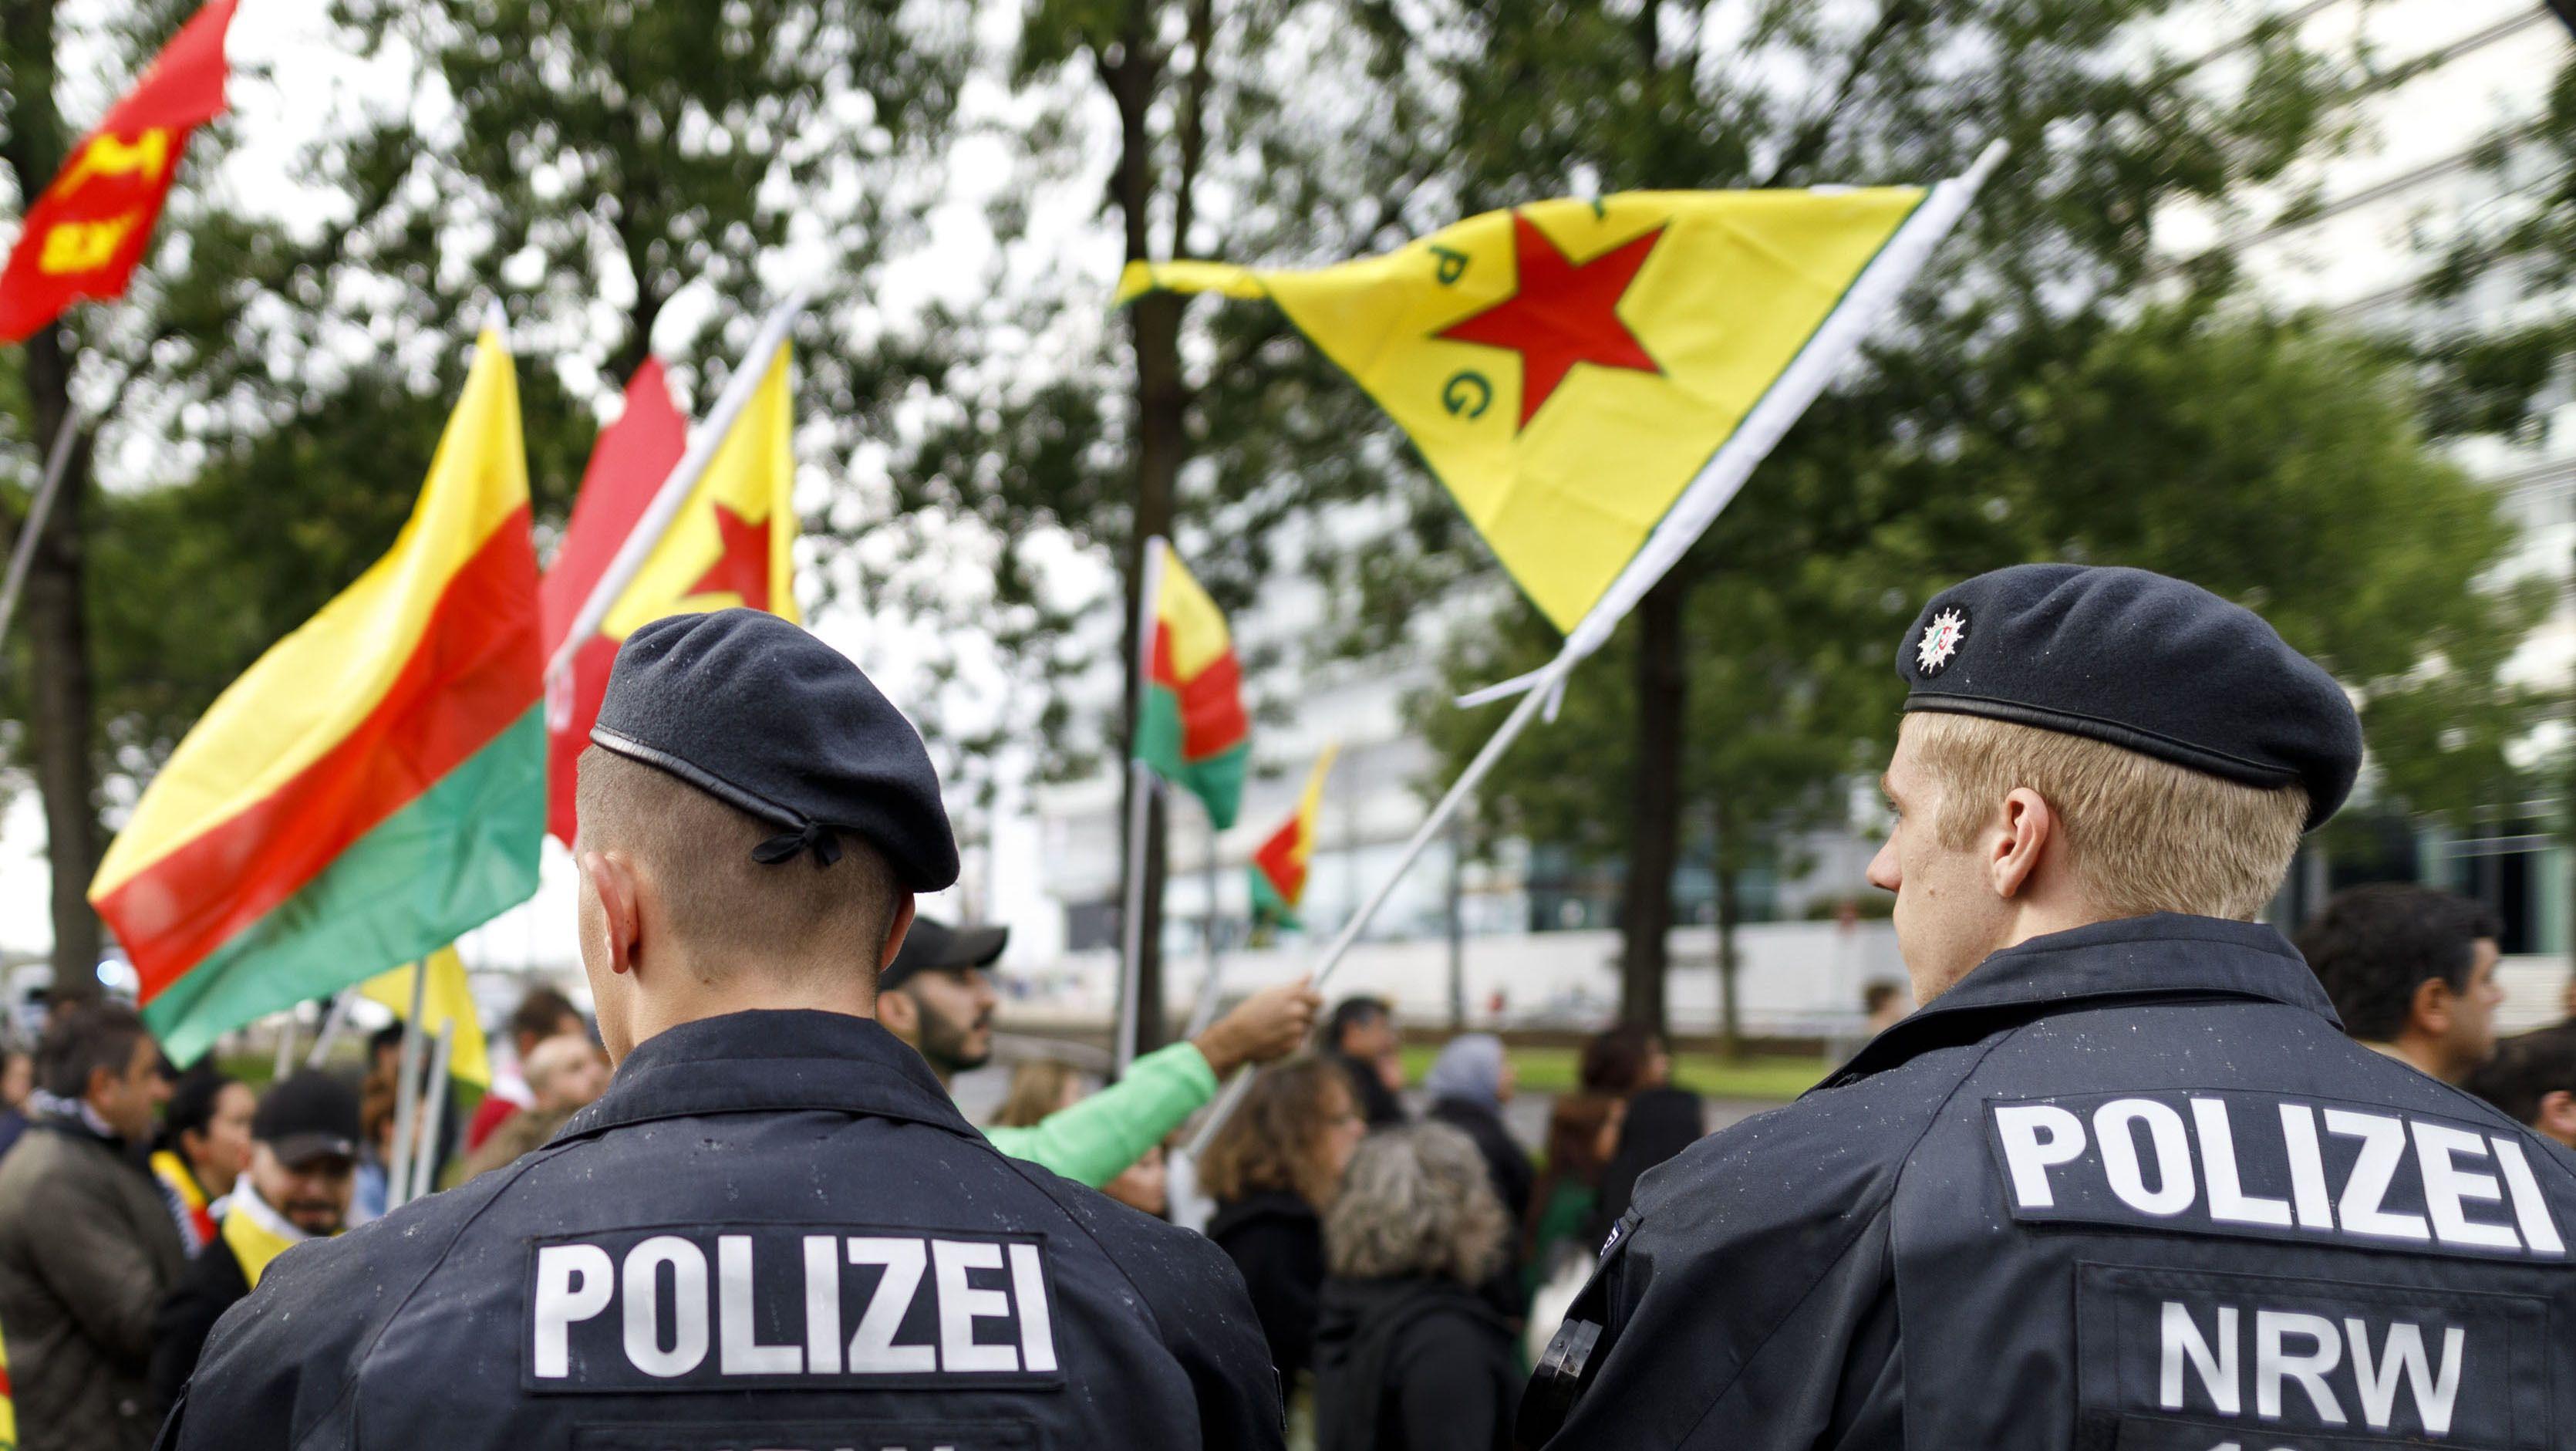 Polizisten beobachten den Demonstrationszug 'Stoppt die Invasion kurdischer Gebiete' in der Deutzer Werft. Köln, 12.10.2019